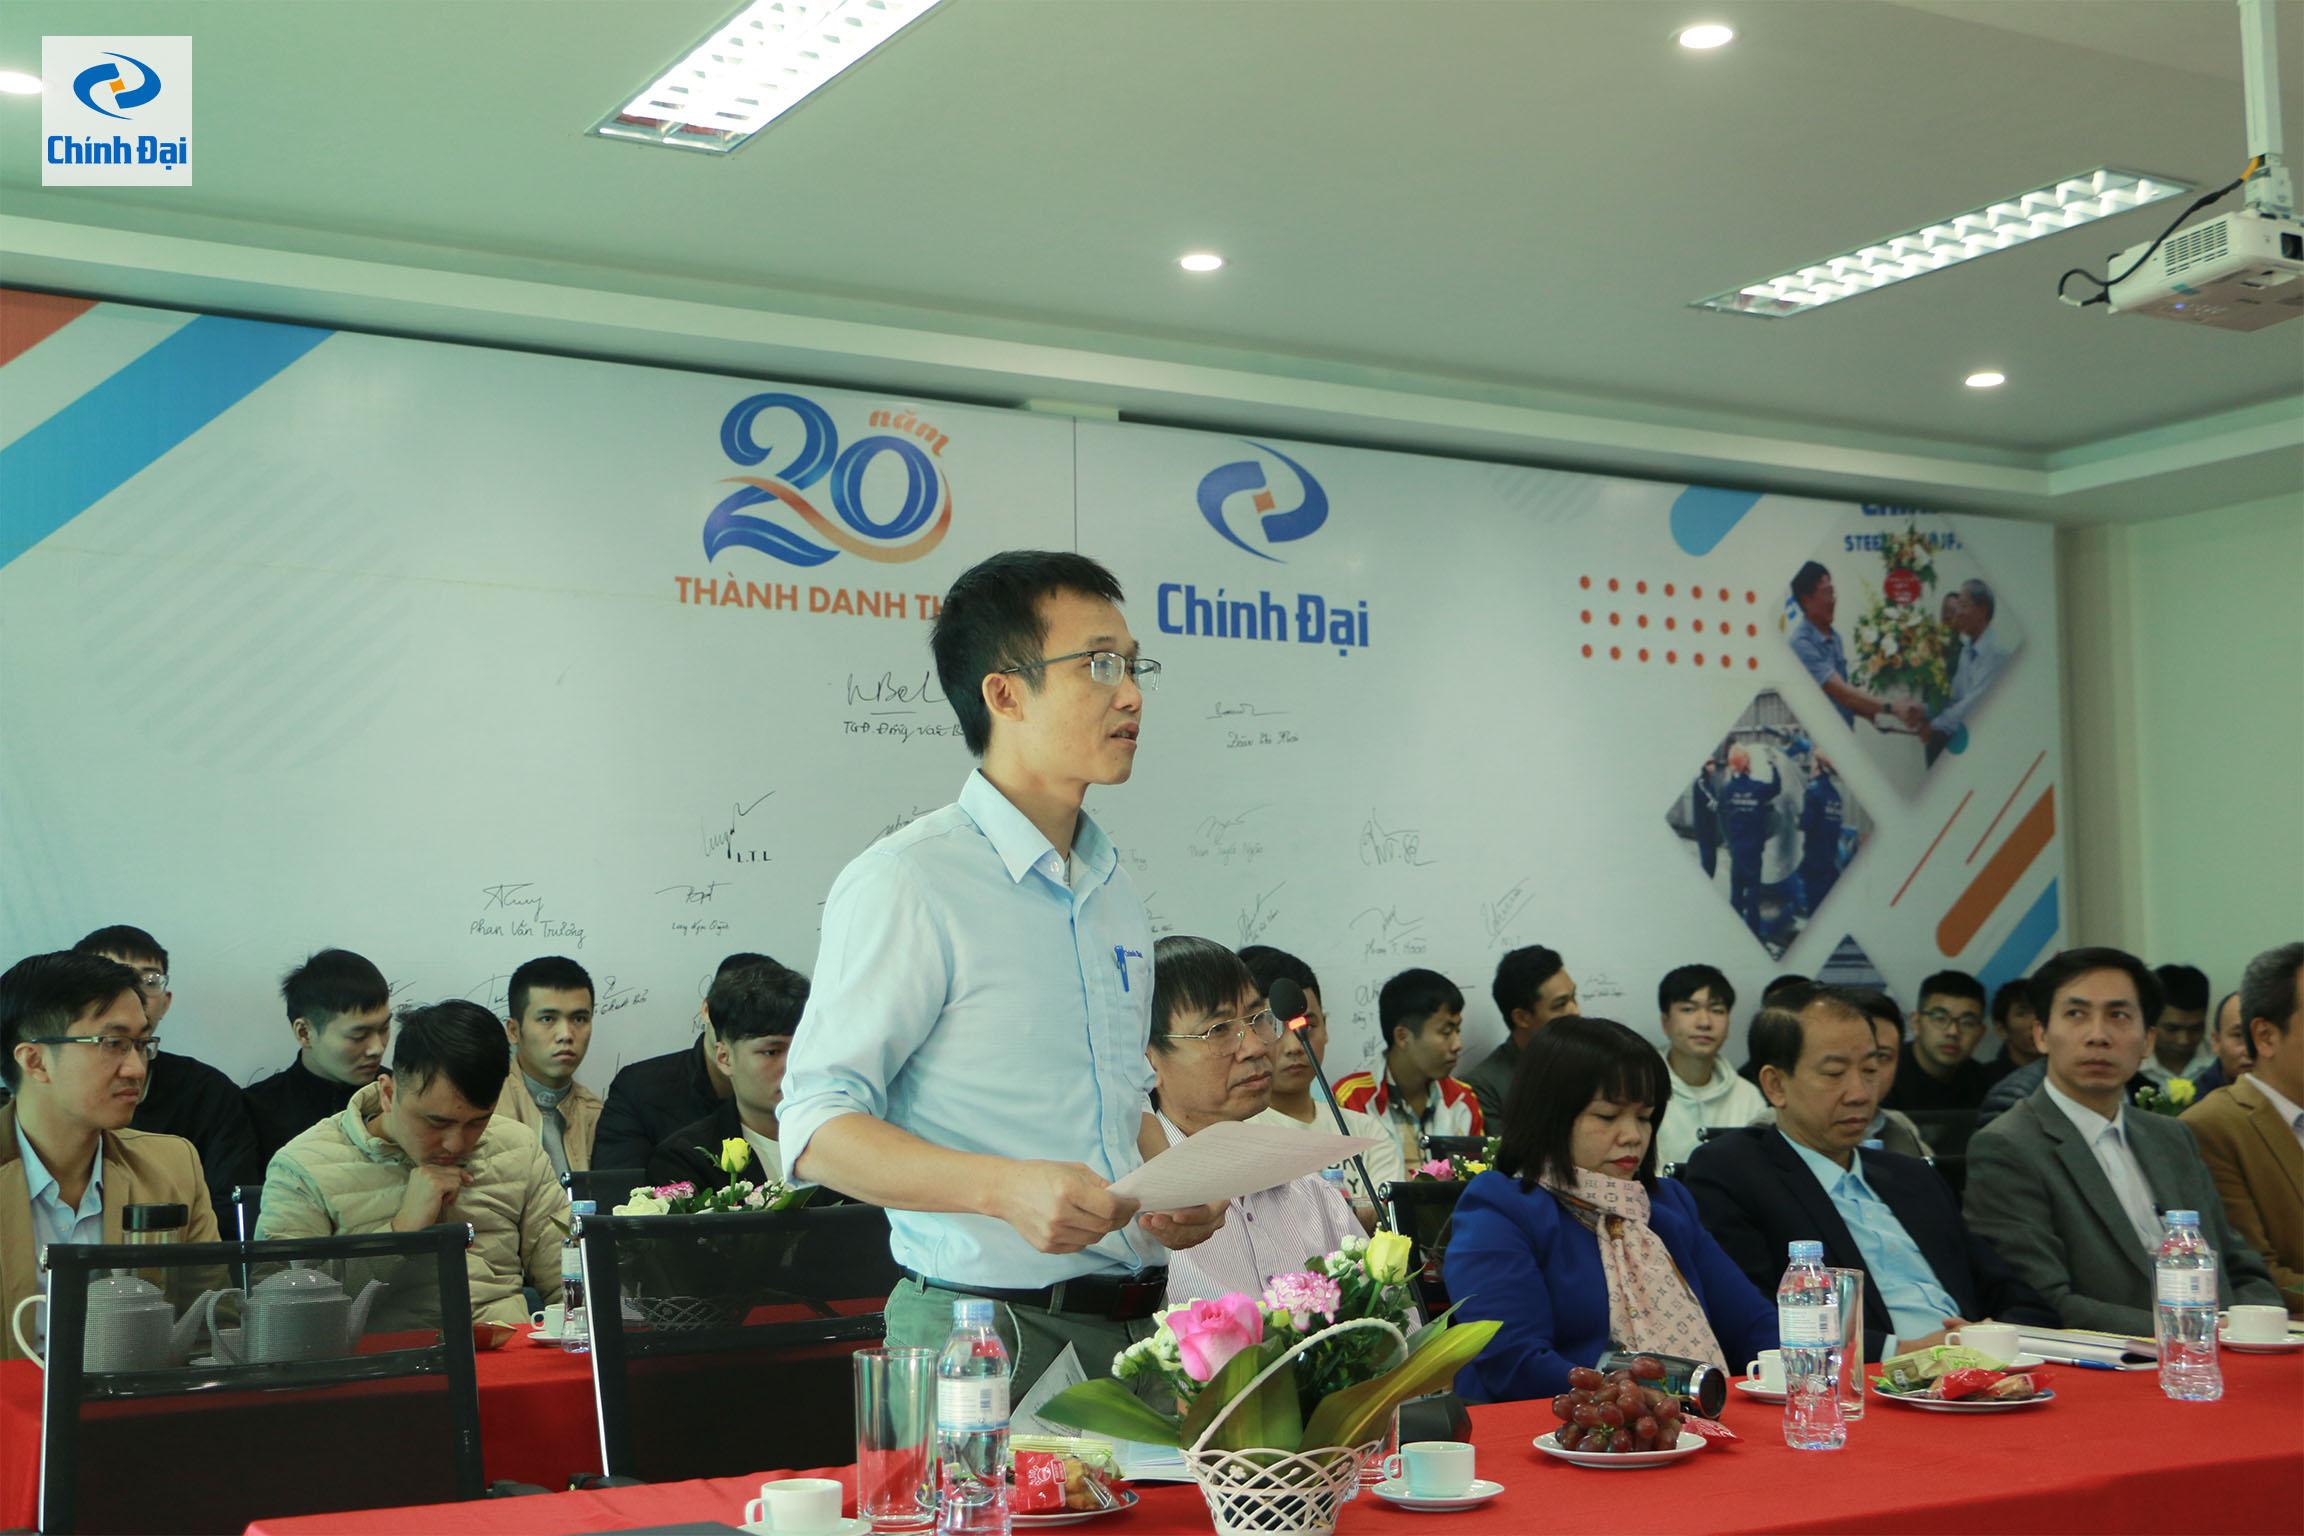 Ông Trần Văn Chi - Giám đốc nhà máy, đánh giá cao ý thức lao động và tinh thần ham học hỏi của các bạn sinh viên thực tập